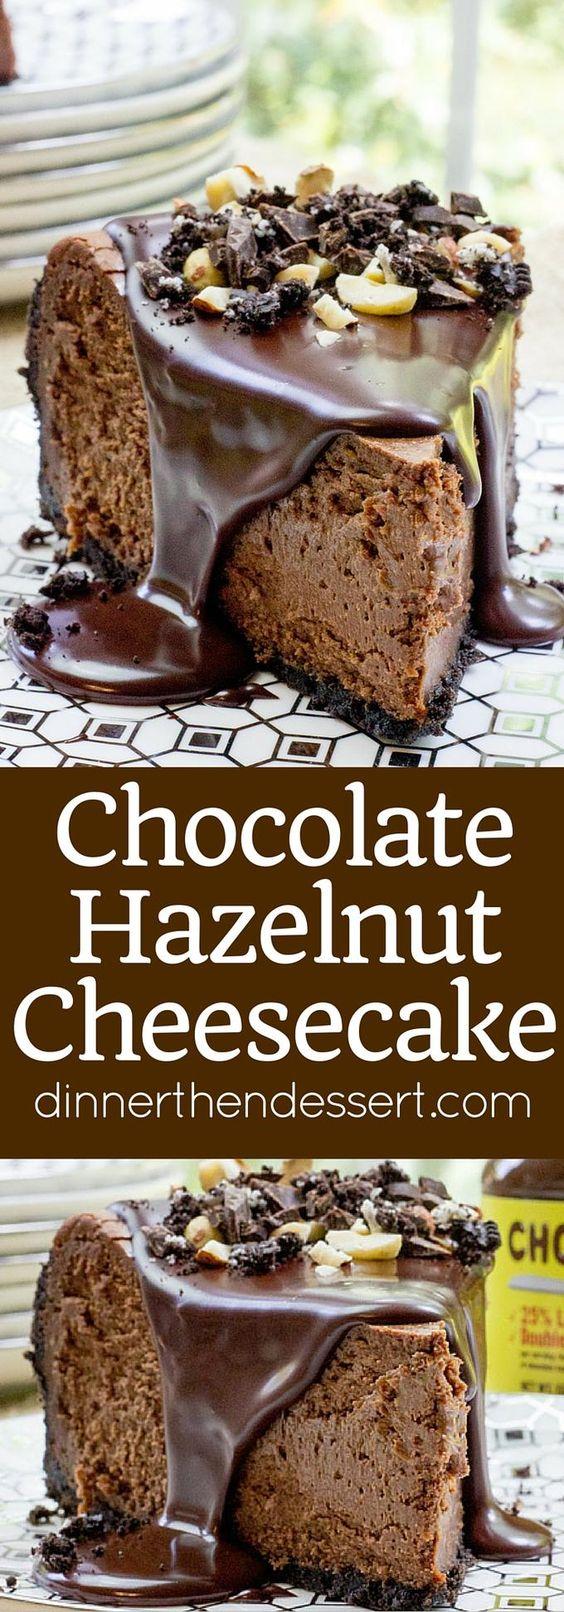 Chocolate Hazelnut Cheesecake   Recipe   Chocolate Hazelnut, Hazelnut ...